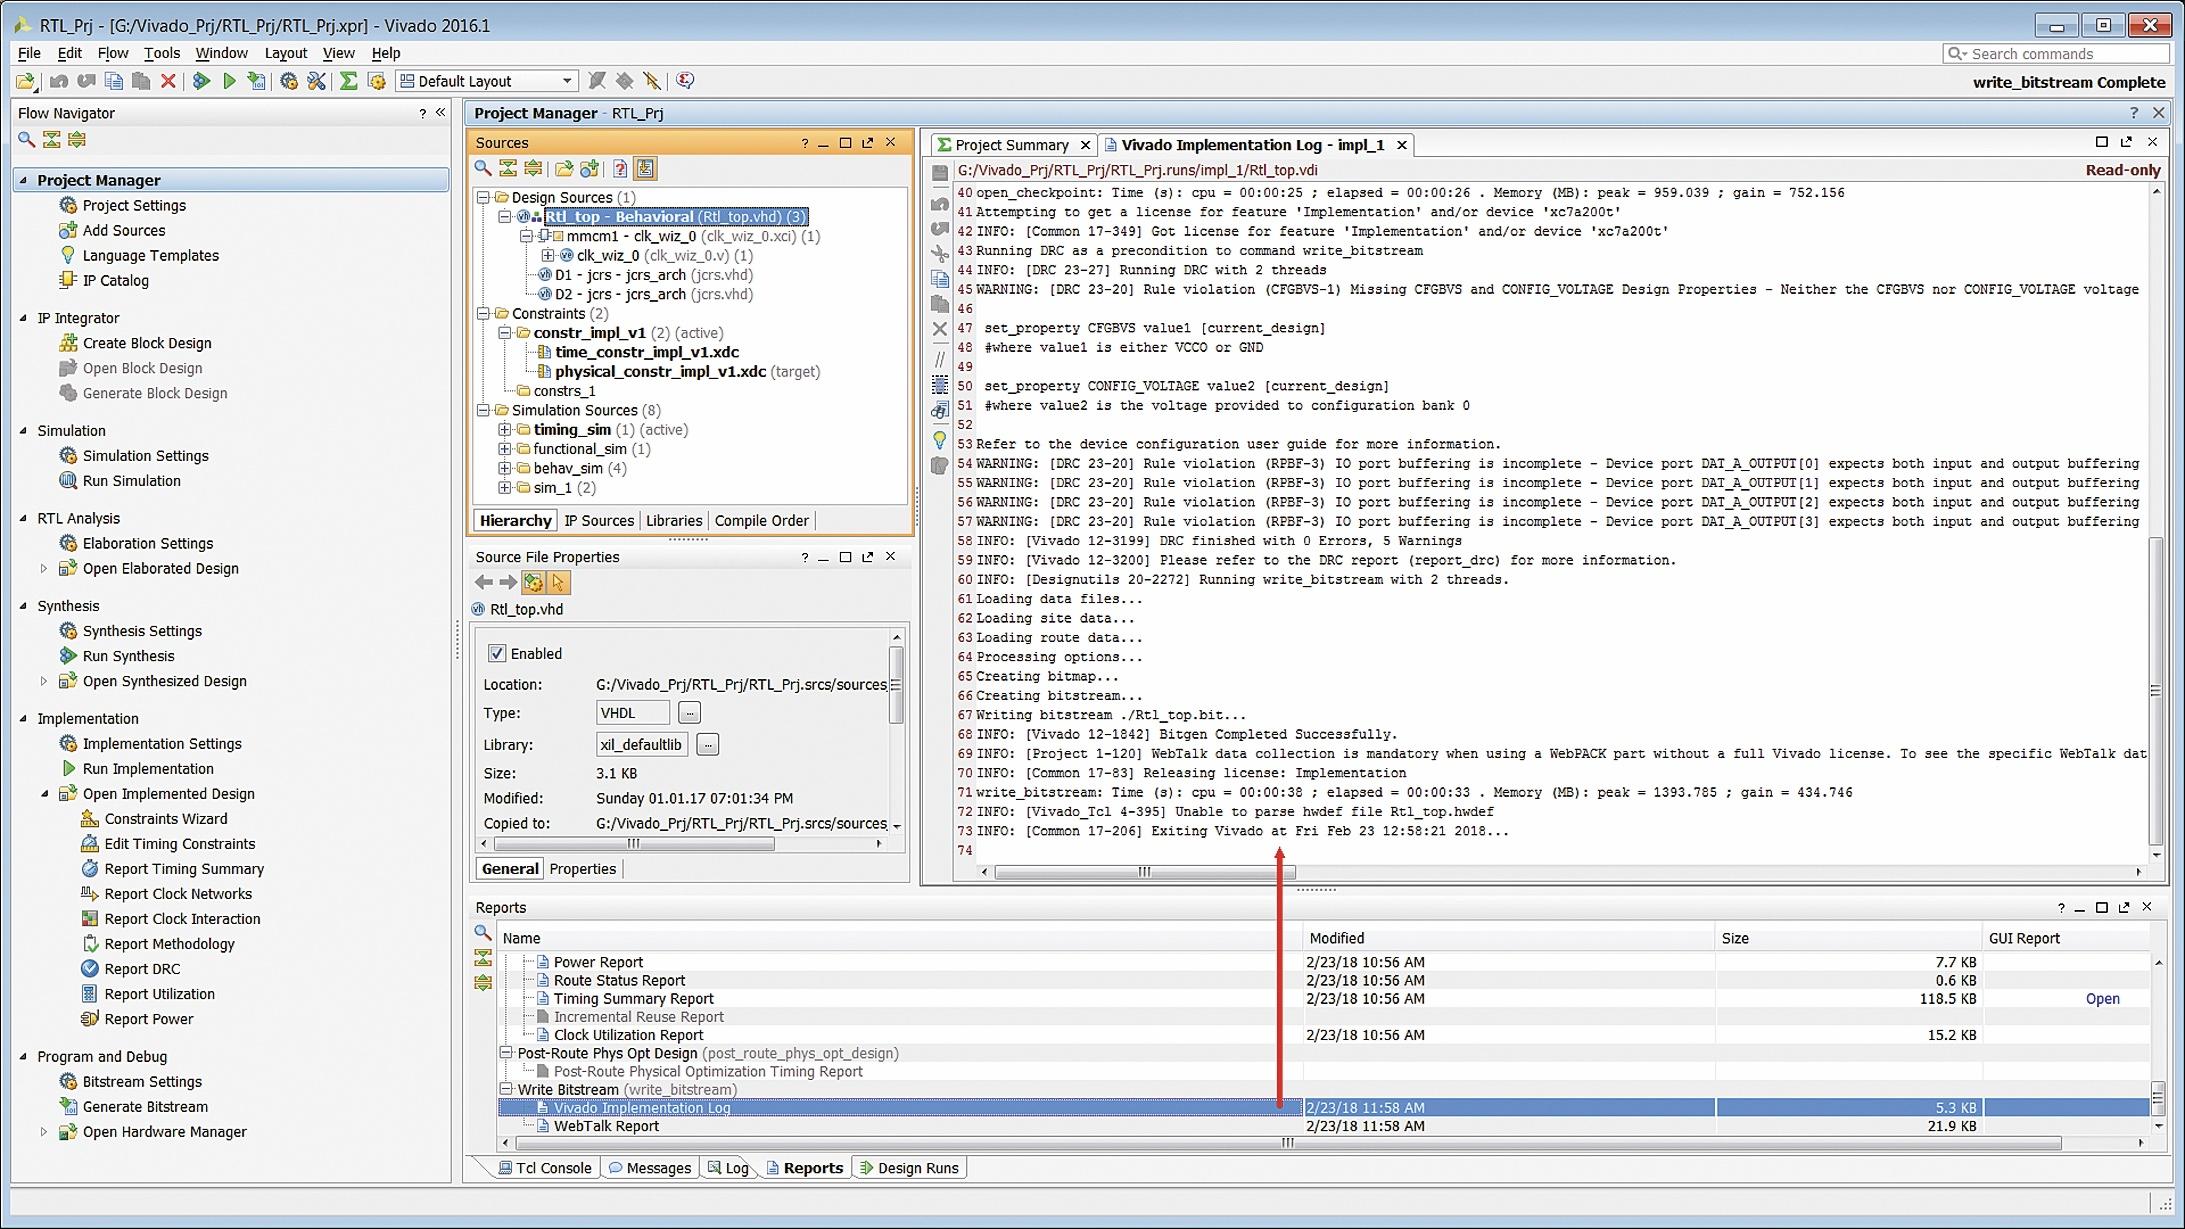 Отображение отчета о выполнении этапа генерации конфигурационной последовательности проектируемого устройства